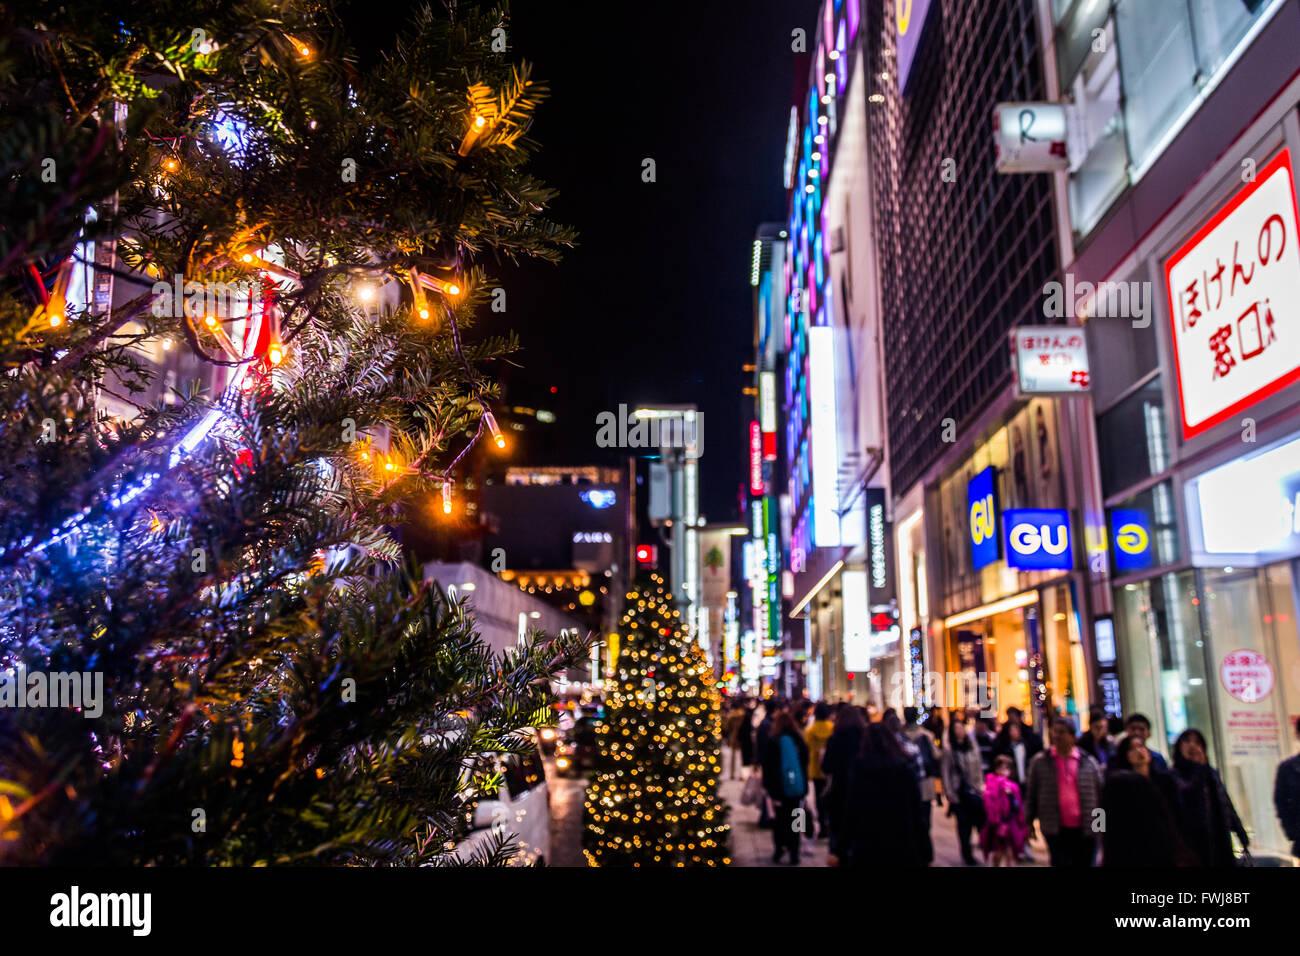 Les gens sur la route de structures construites, et les arbres illuminés Photo Stock